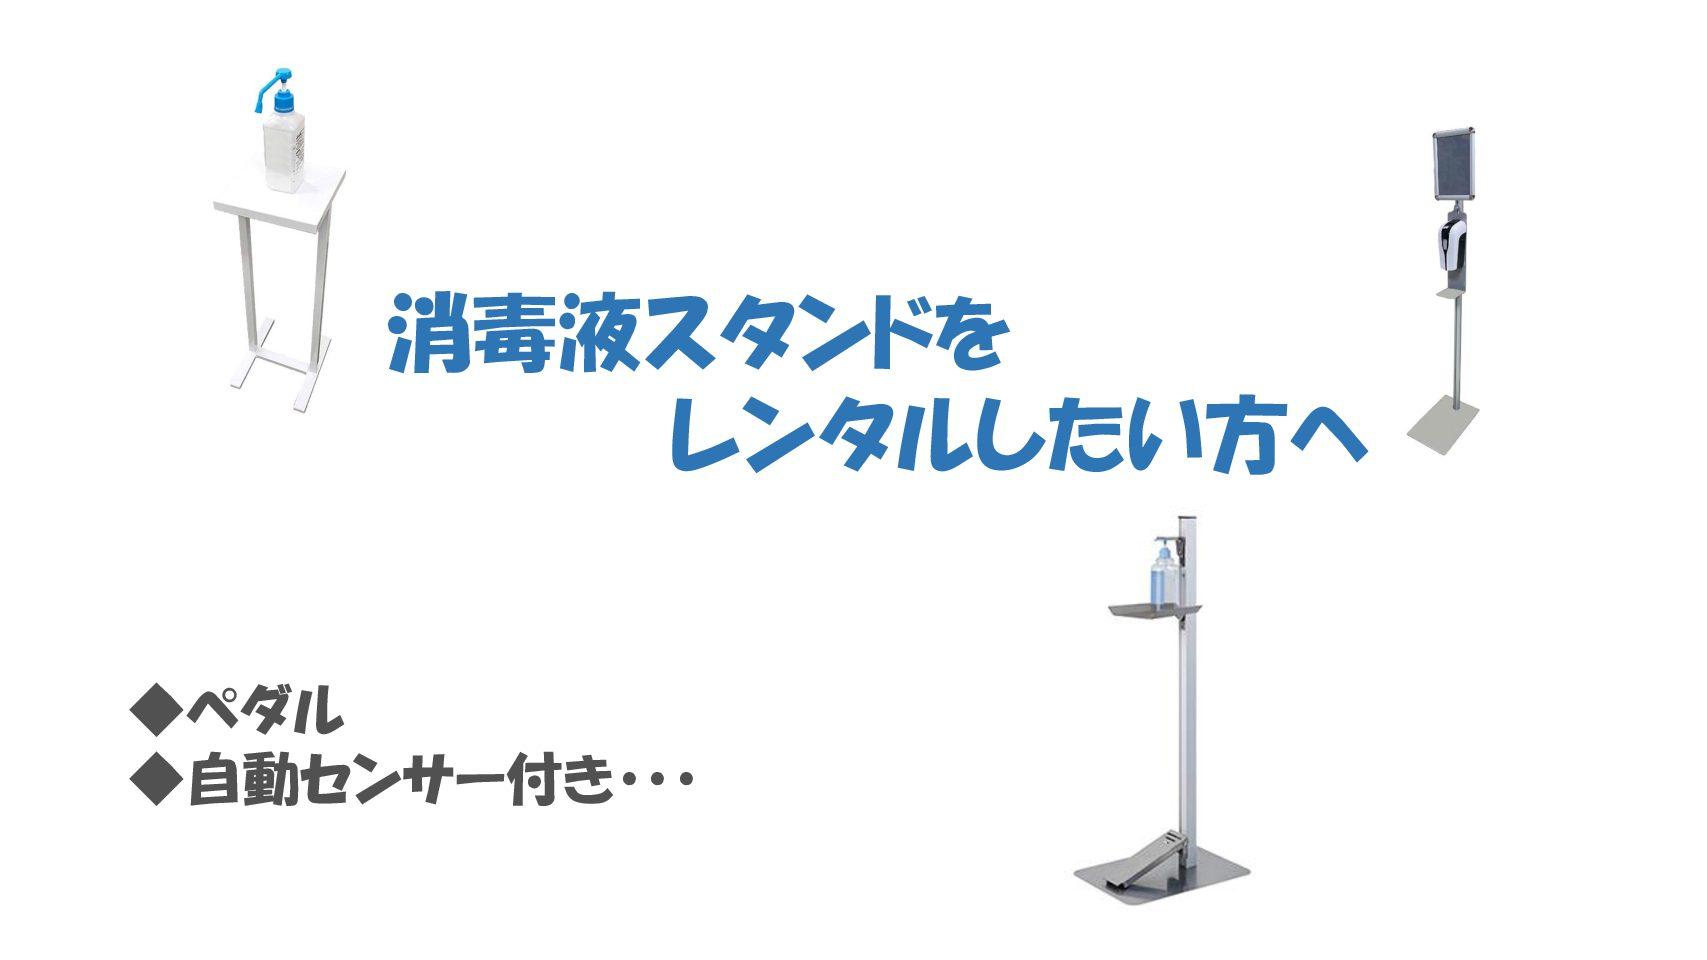 福岡で消毒液スタンドをレンタルしたい方へ